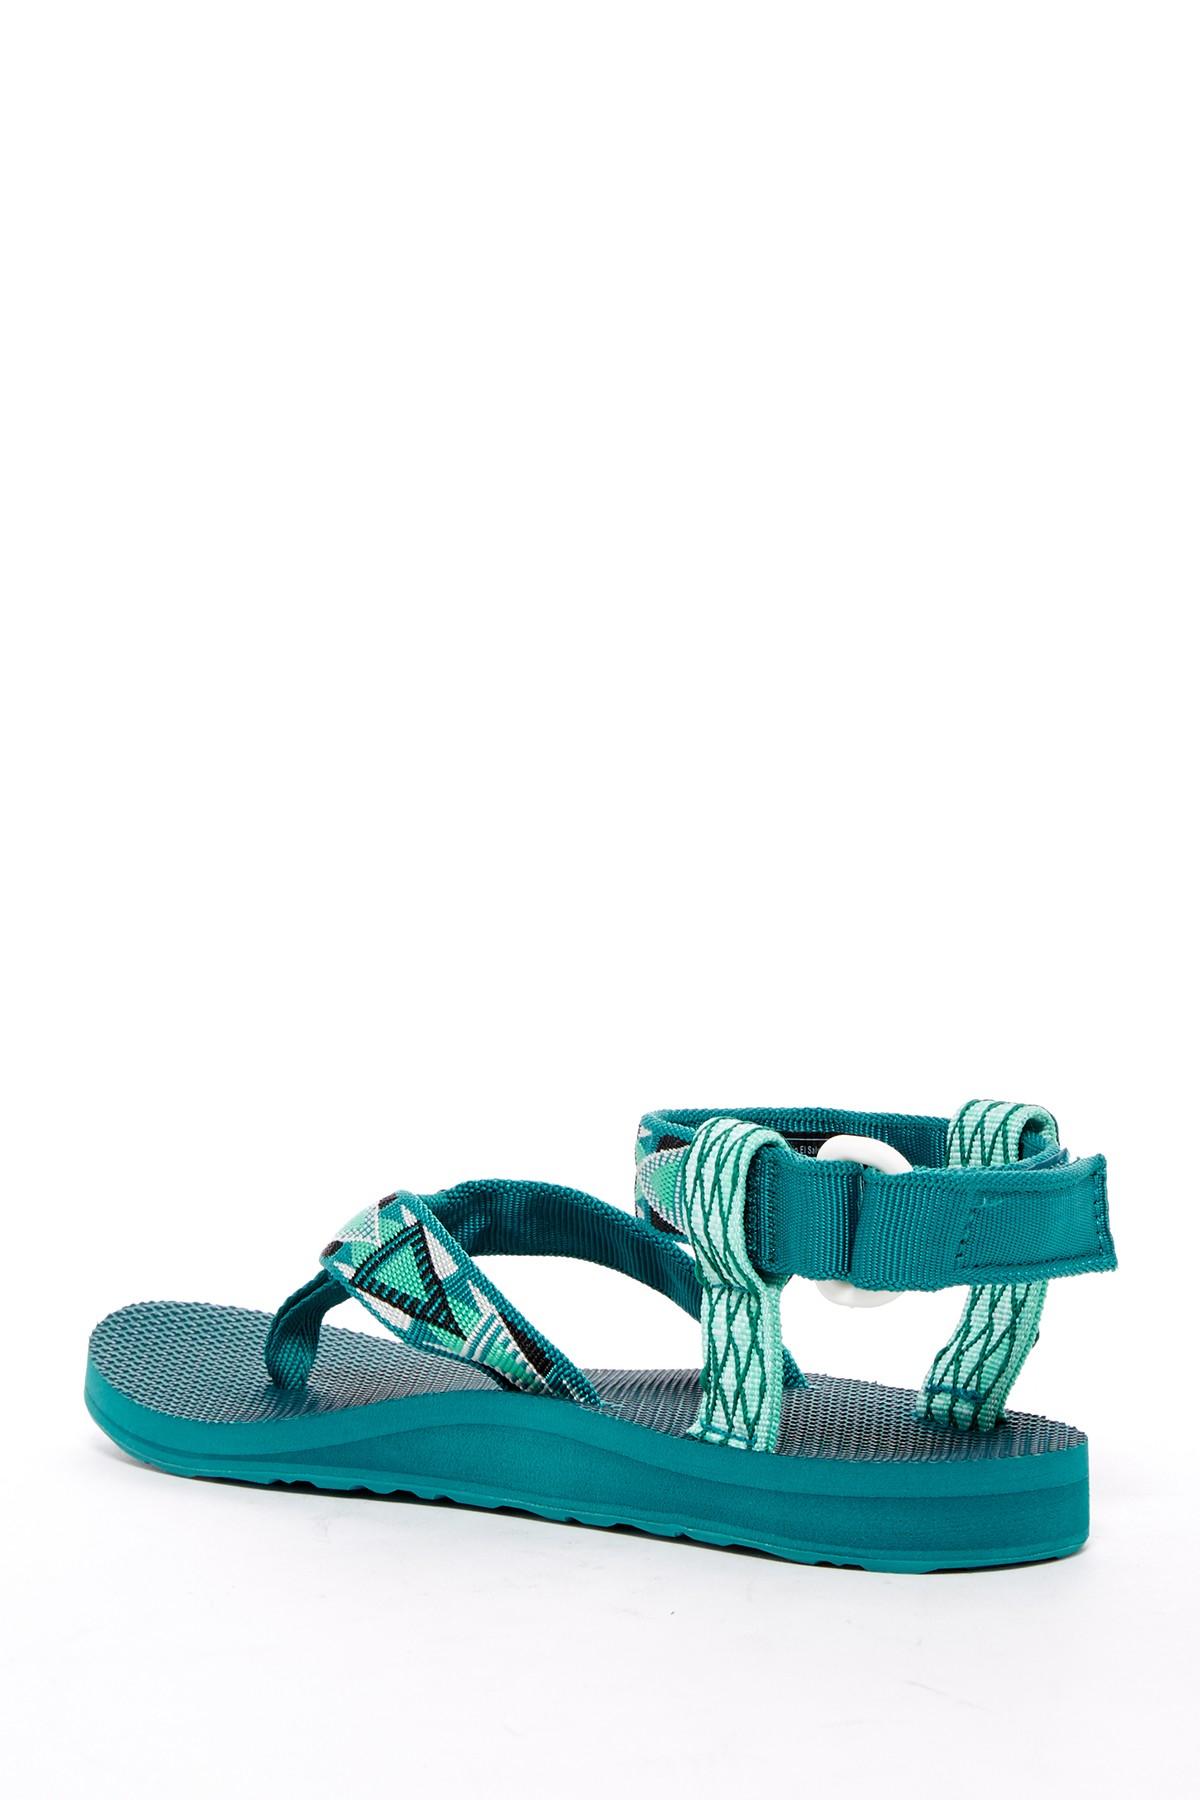 Lyst Teva Original Thong Platform Sandal In Green